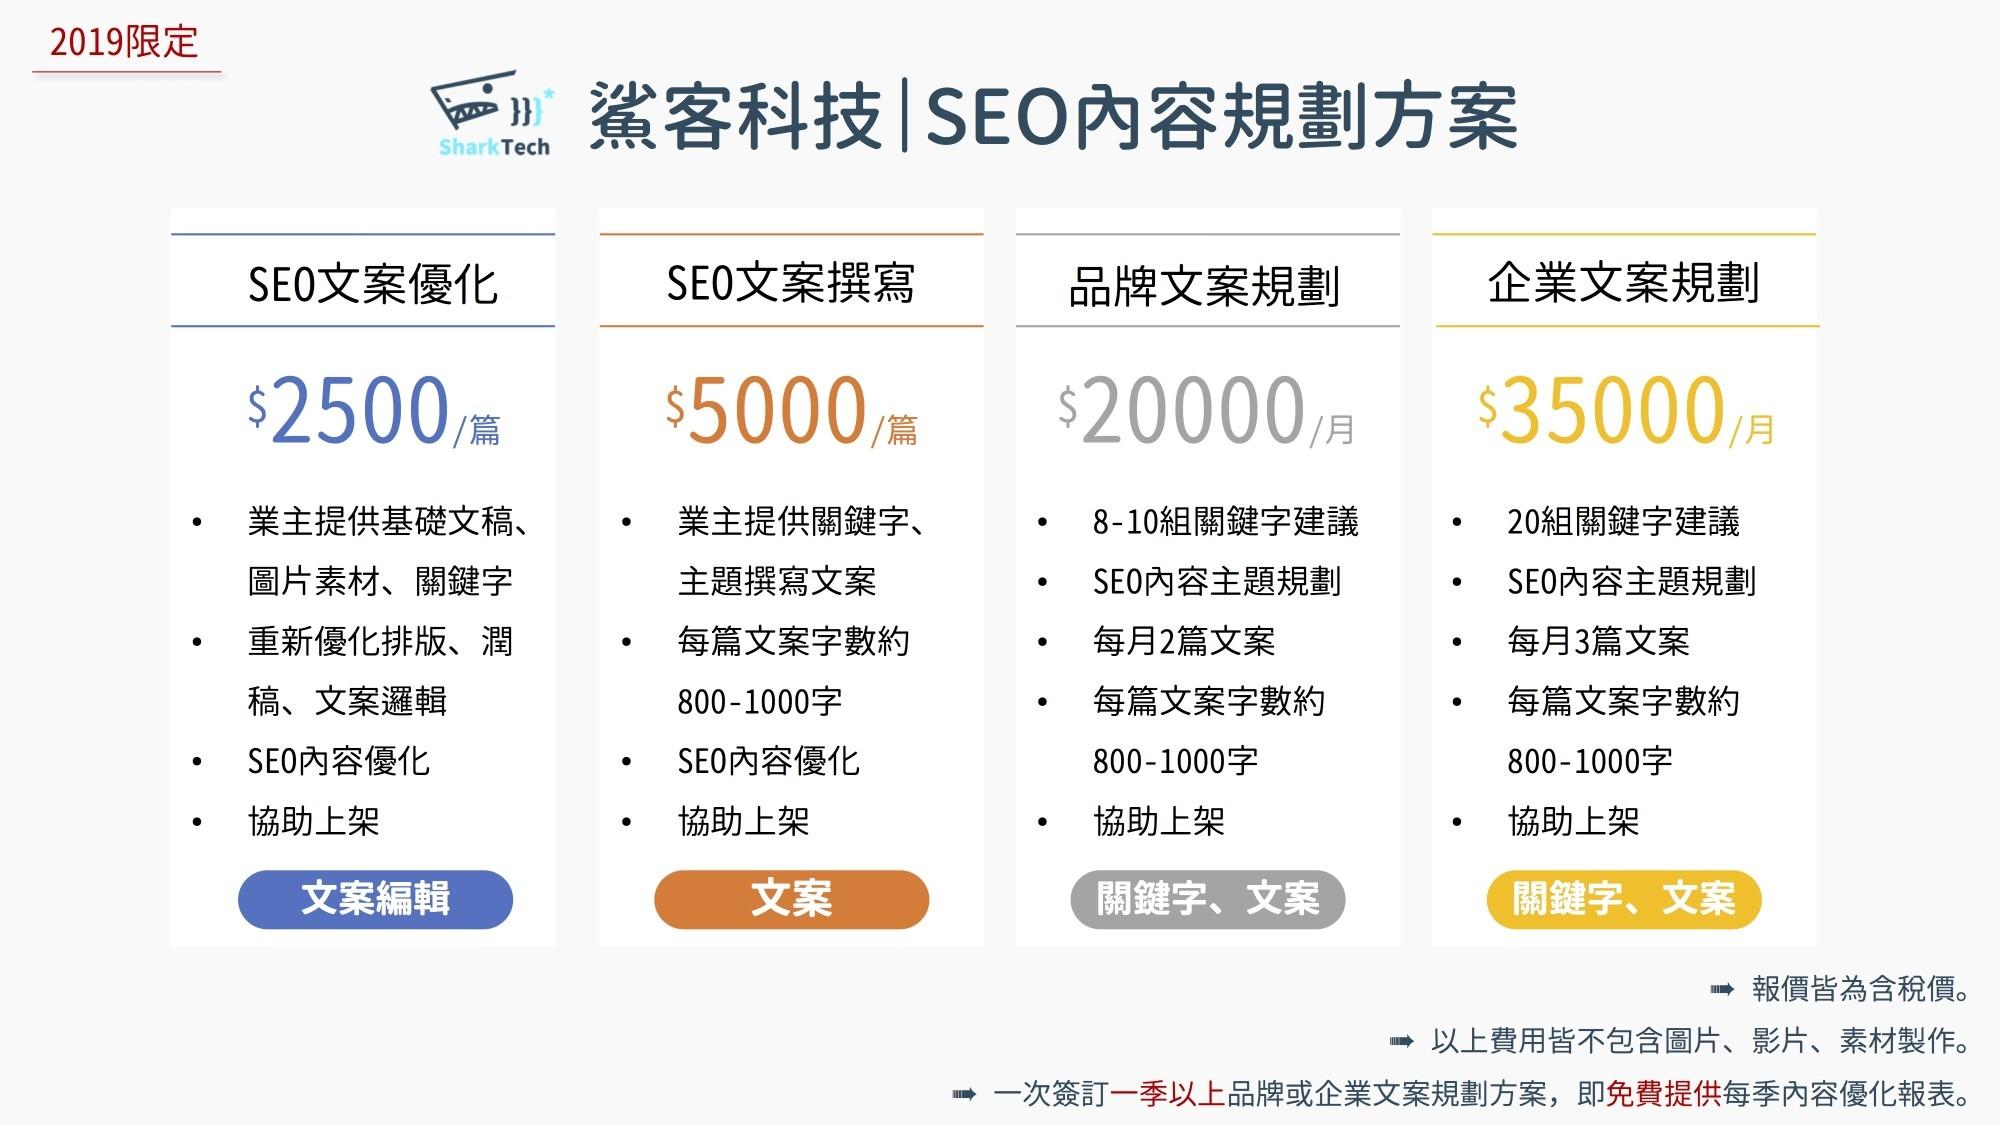 2019年限定SEO內容規劃文案撰寫方案-鯊客科技SEO優化公司